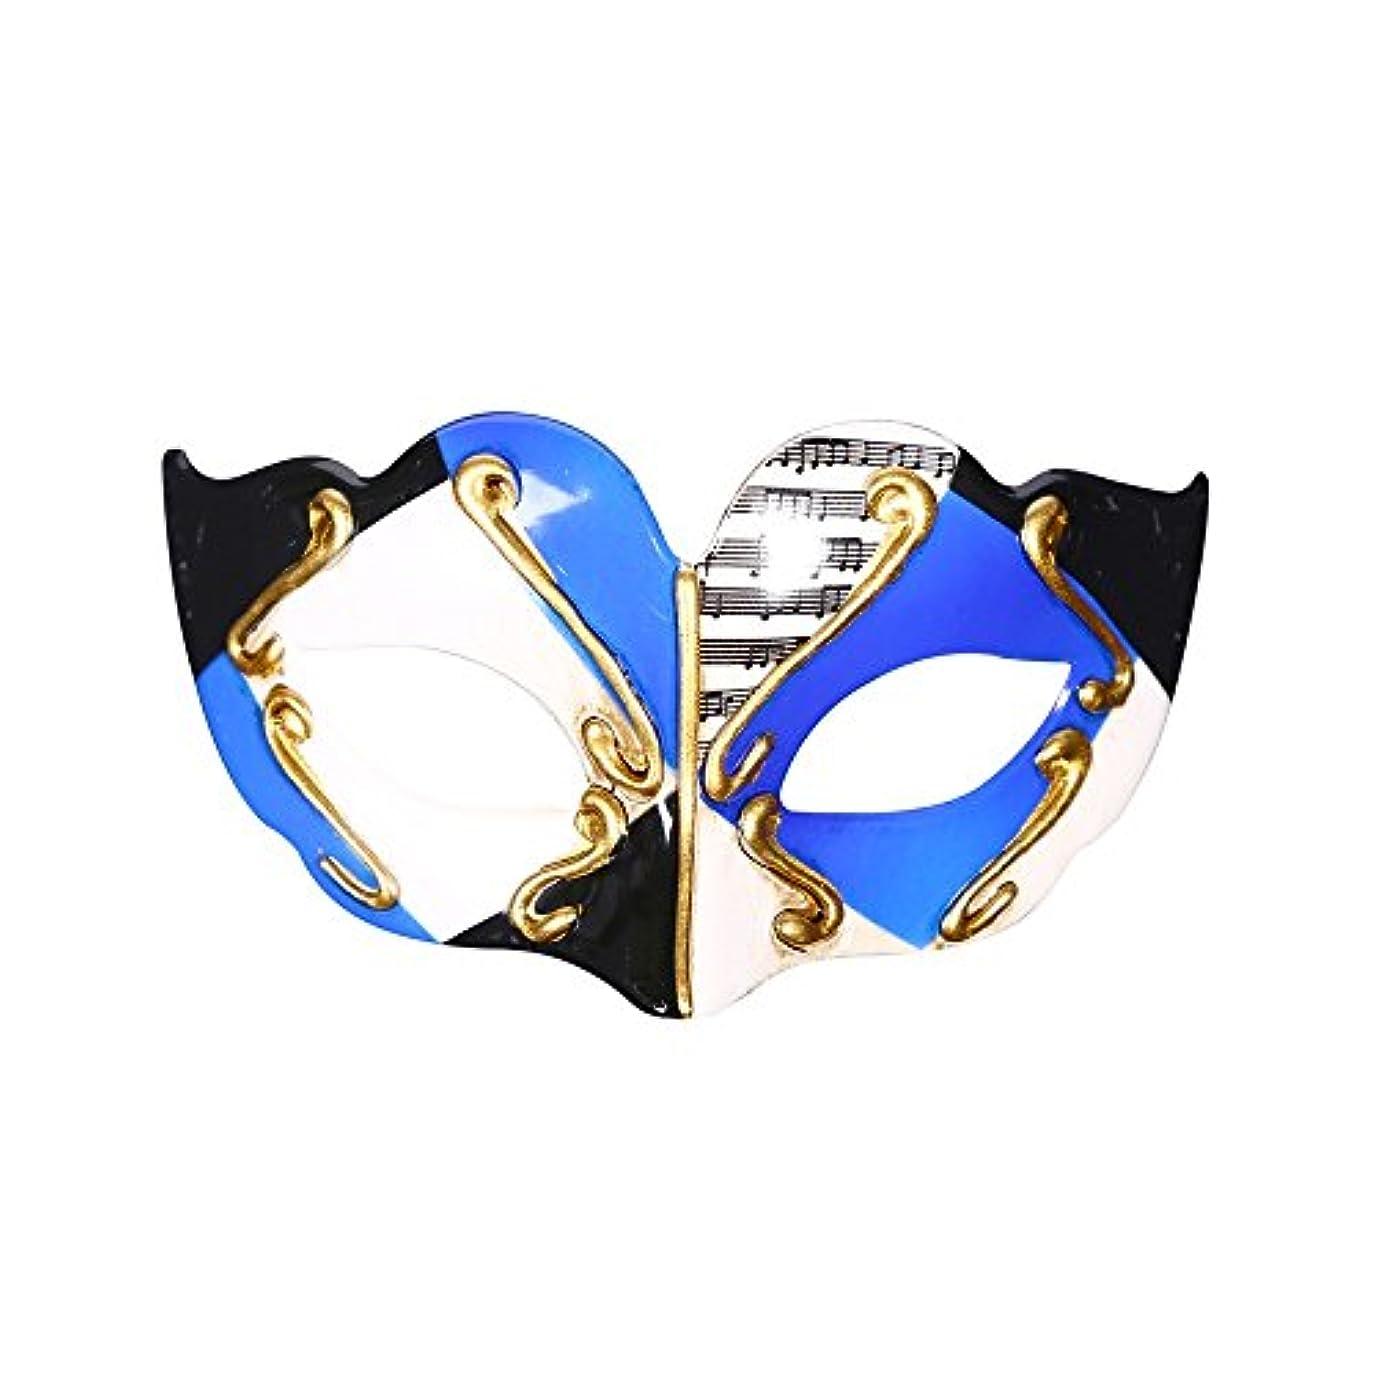 キャラバン水平困難ハロウィーン仮装マスクフラットヘッドハーフフェイスハードプラスチック子供用マスク (Color : #1)